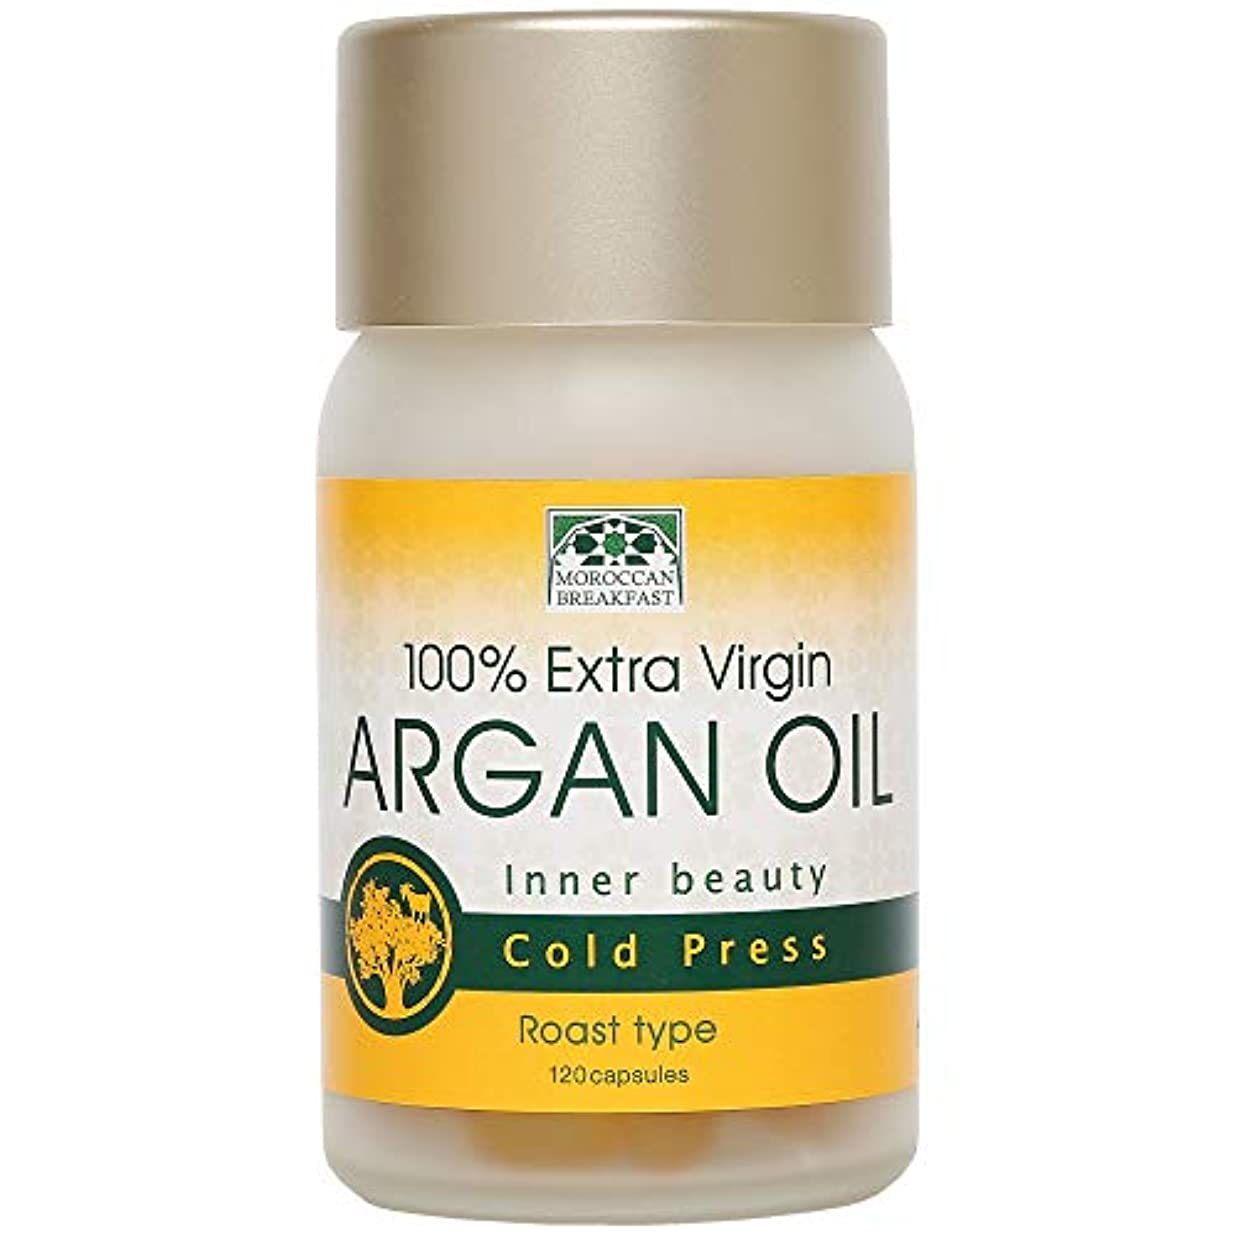 かんがいあなたのものナットモロッコの朝食 食べるアルガンオイル(100%一番搾りアルガンオイル使用?1日4粒で約1ヶ月分)